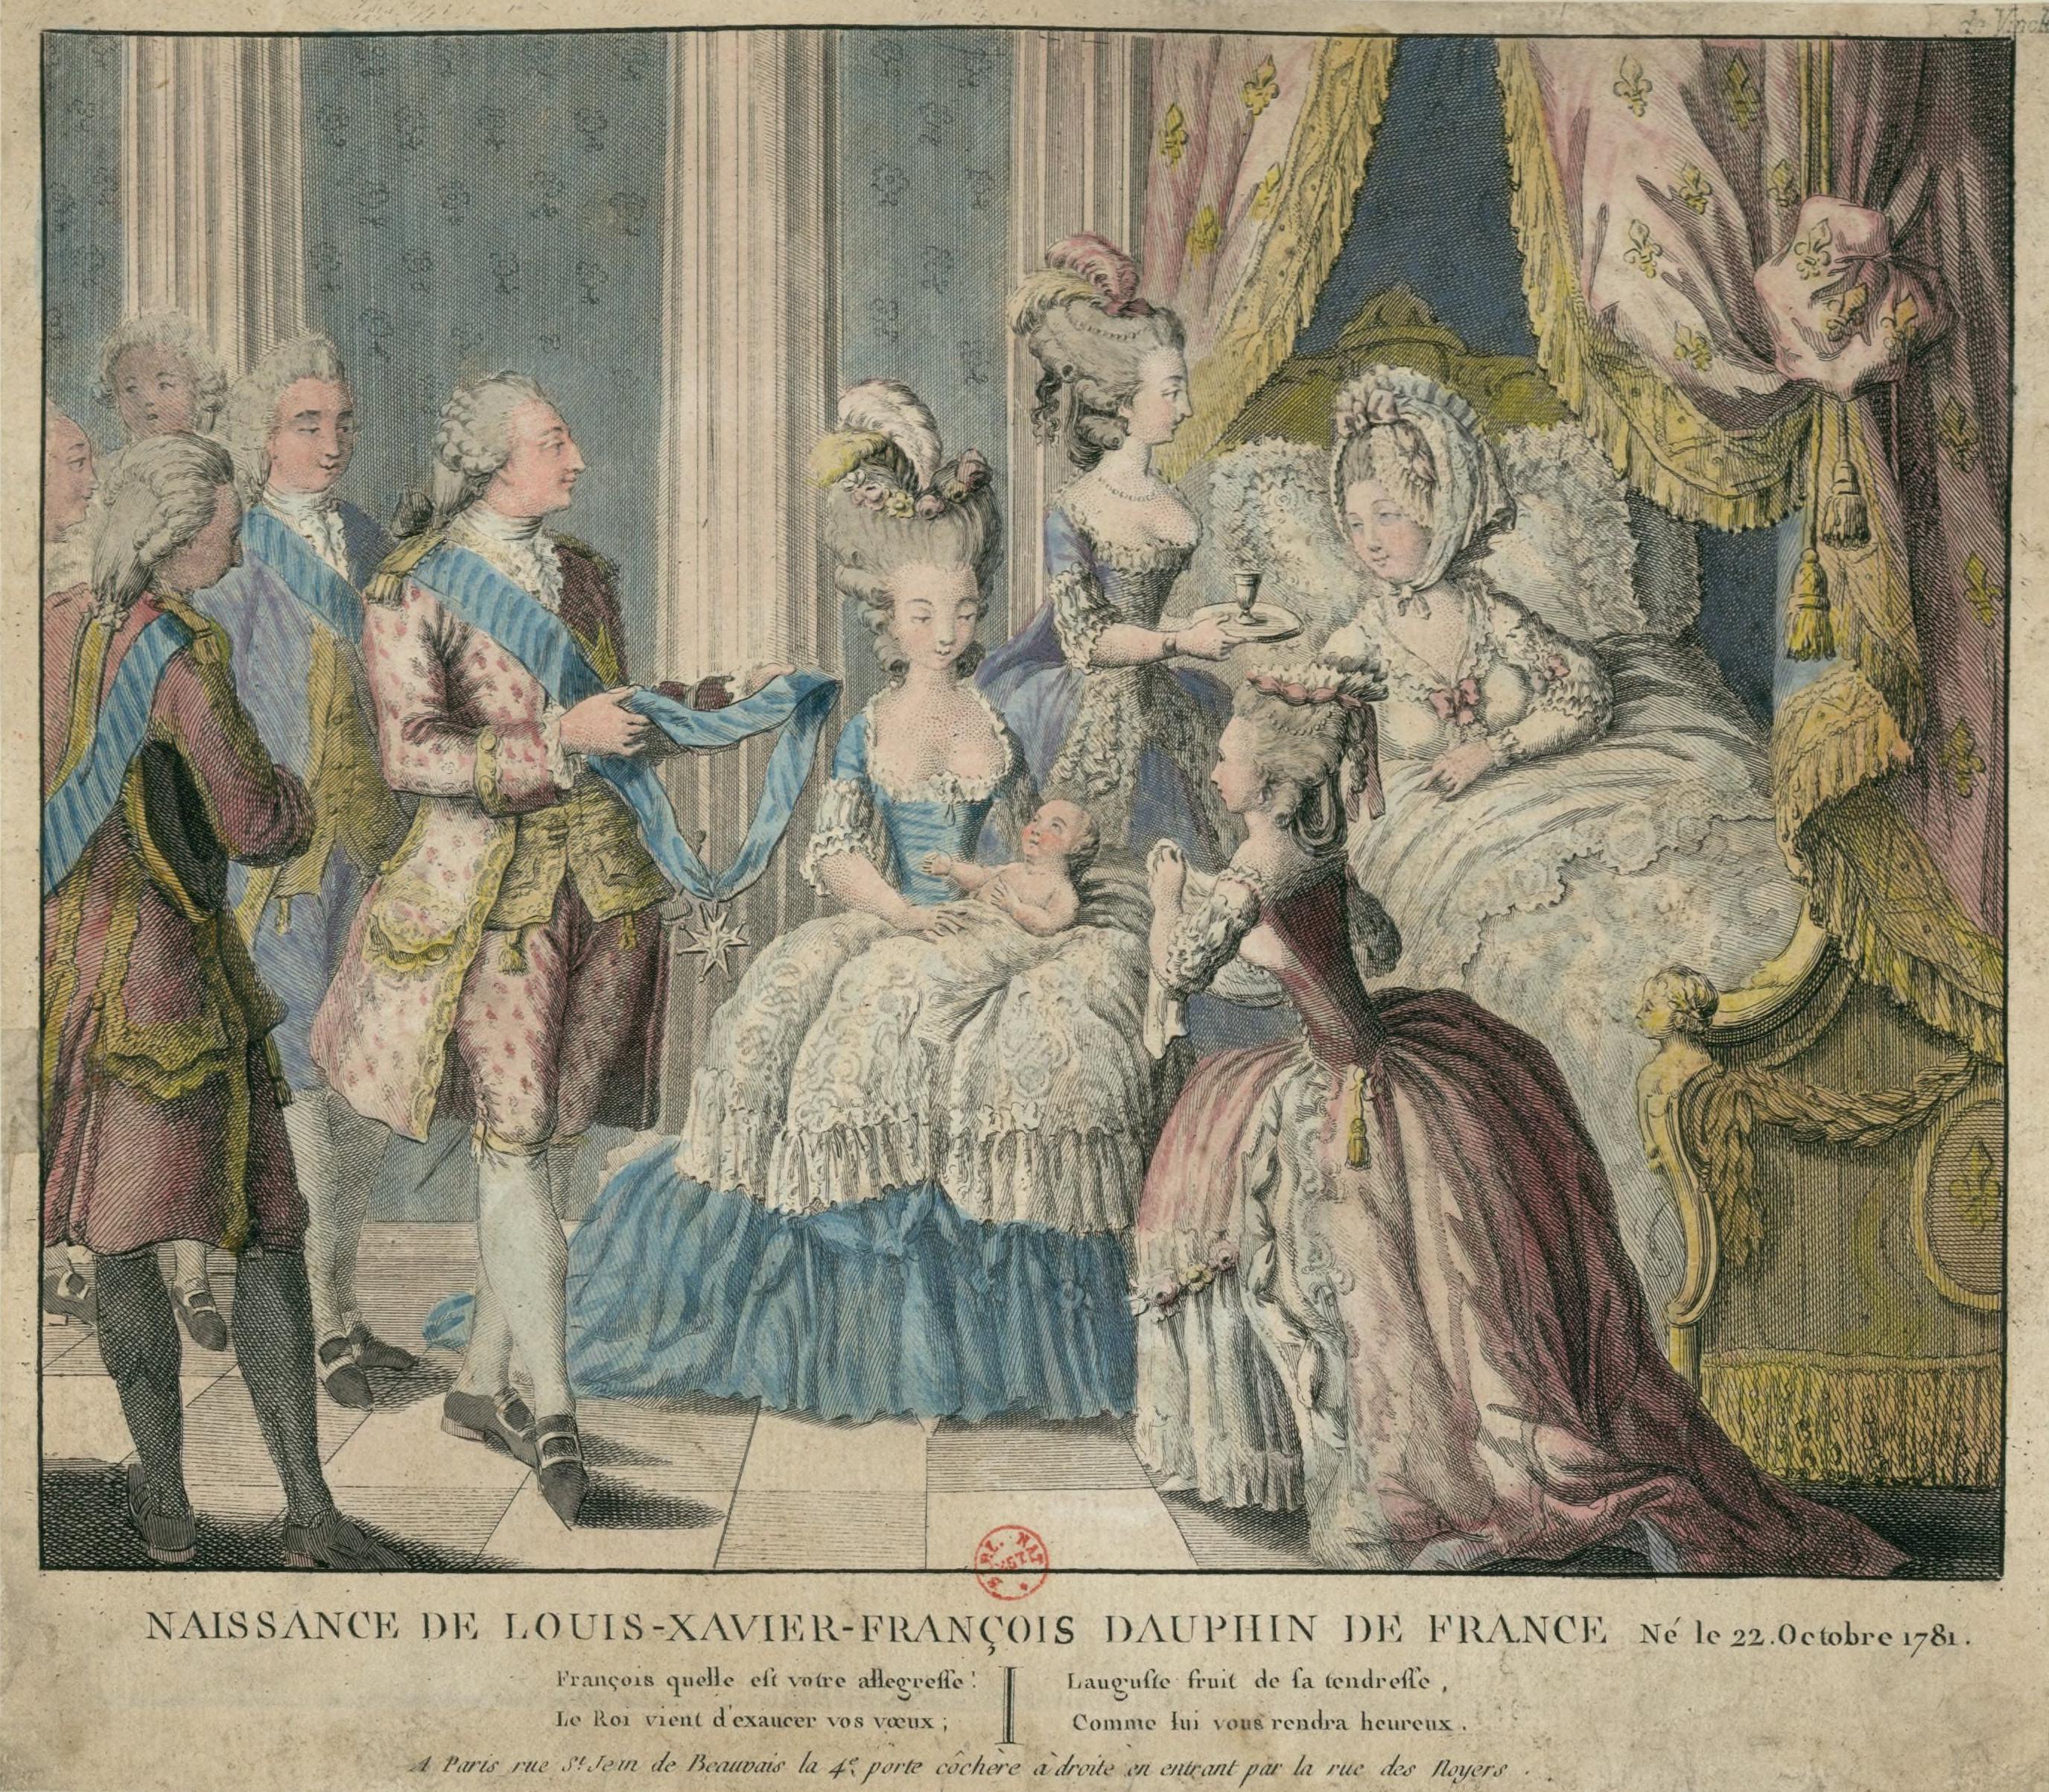 1781 (22 October) Naissance de Louis-Xavier-François, Dauphin de France